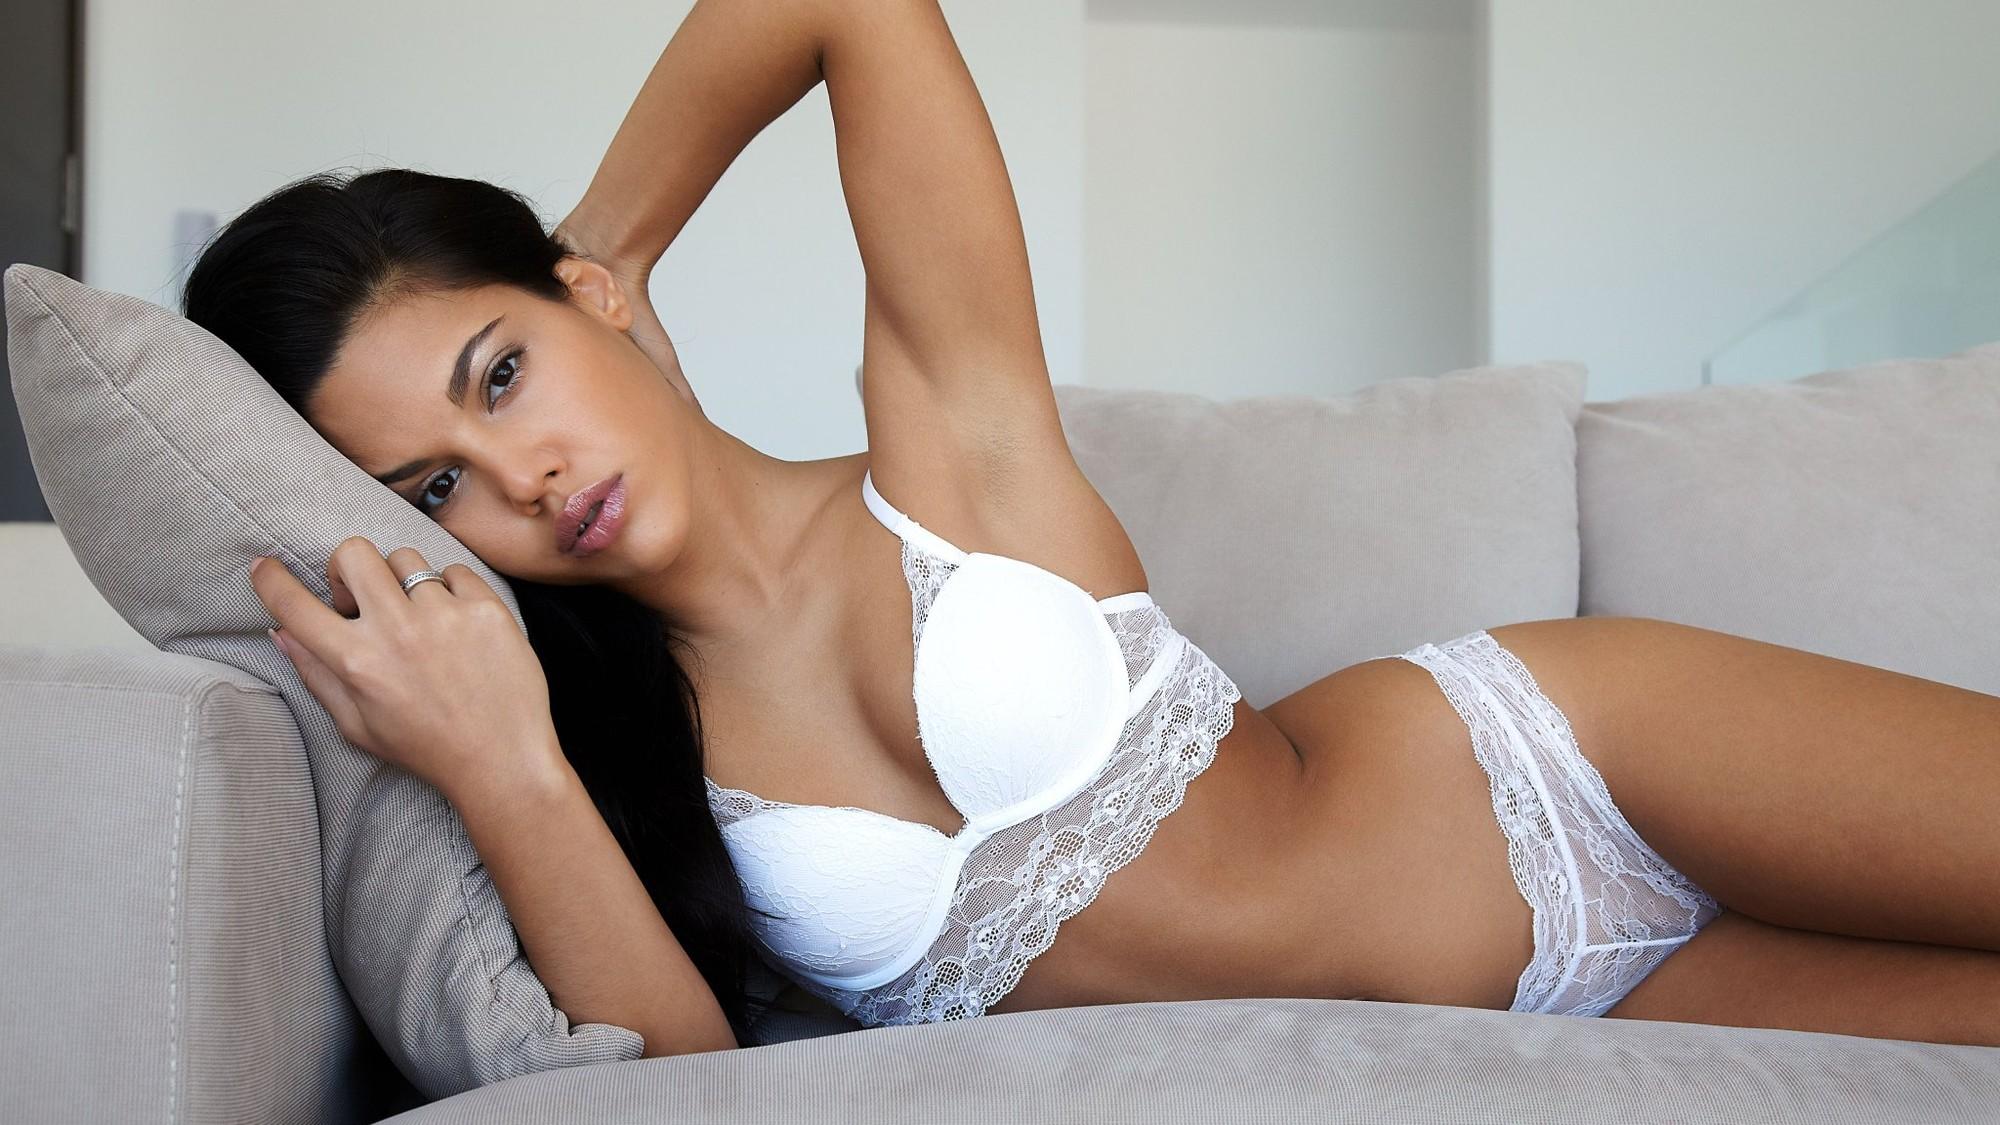 Actriz Porno En Hombres Y Viceversa 100 mayor imágenes actrices porno hombres mujeres y